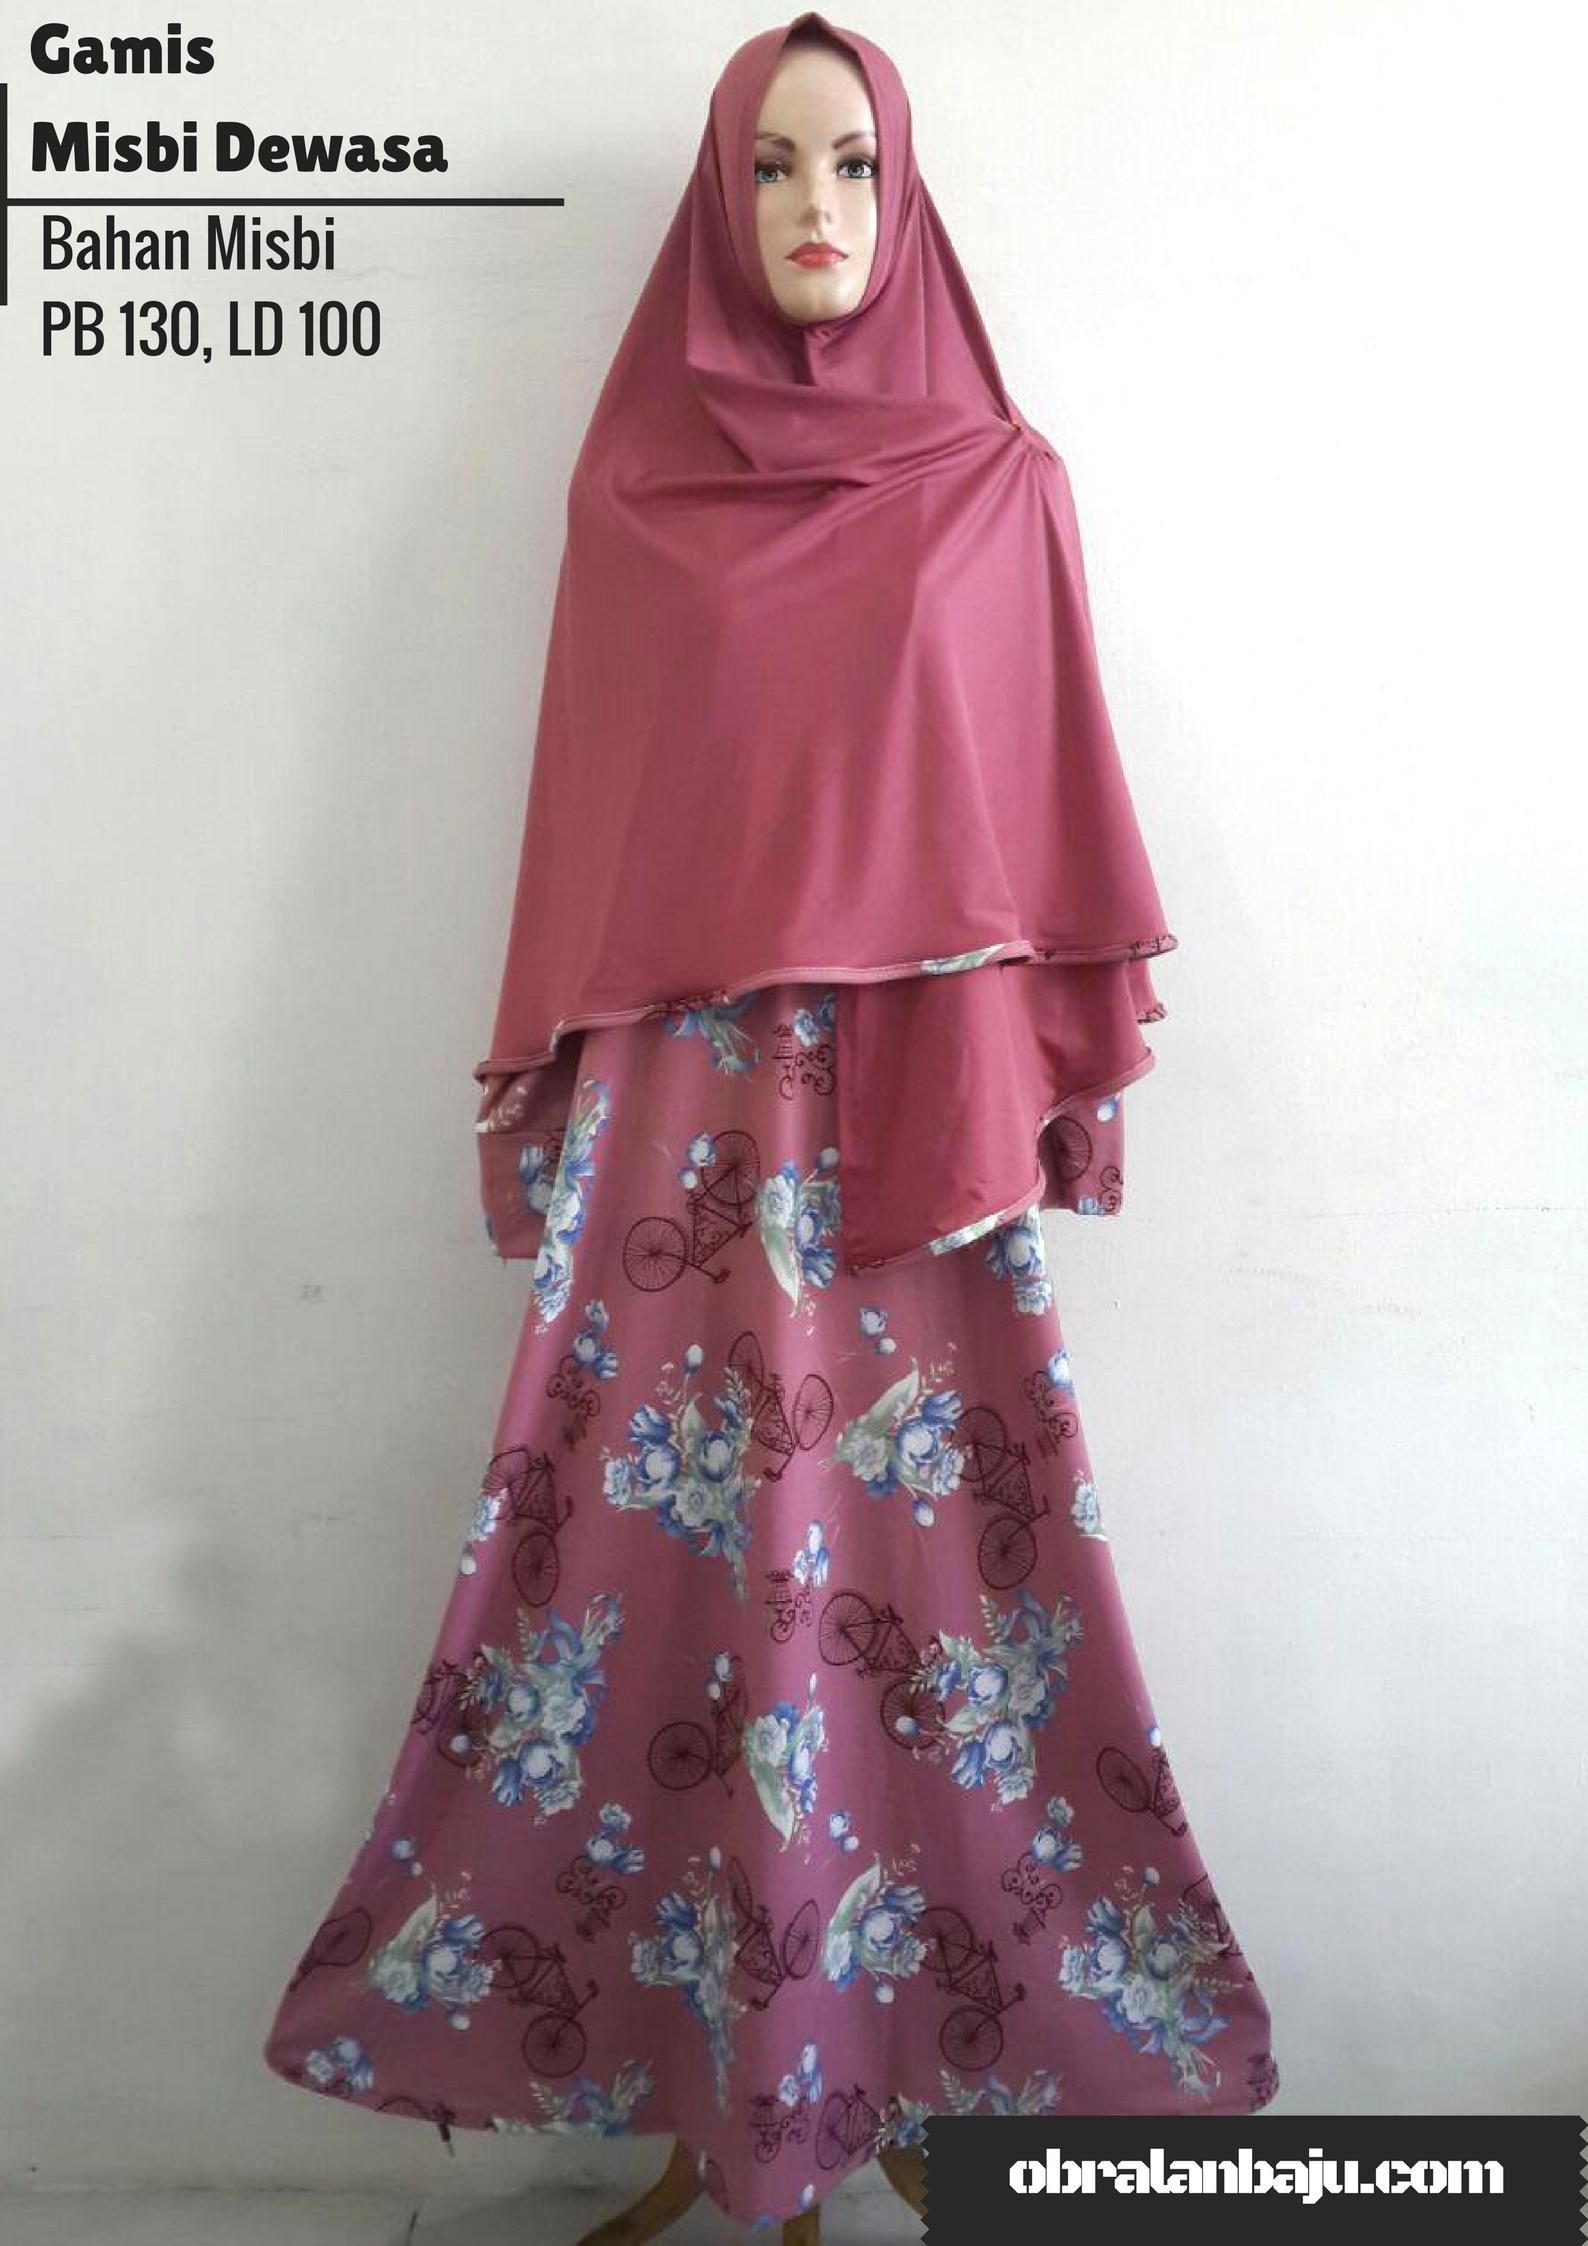 ObralanBaju.com Obral Baju Pakaian Murah Meriah 5000 Gamis Misby